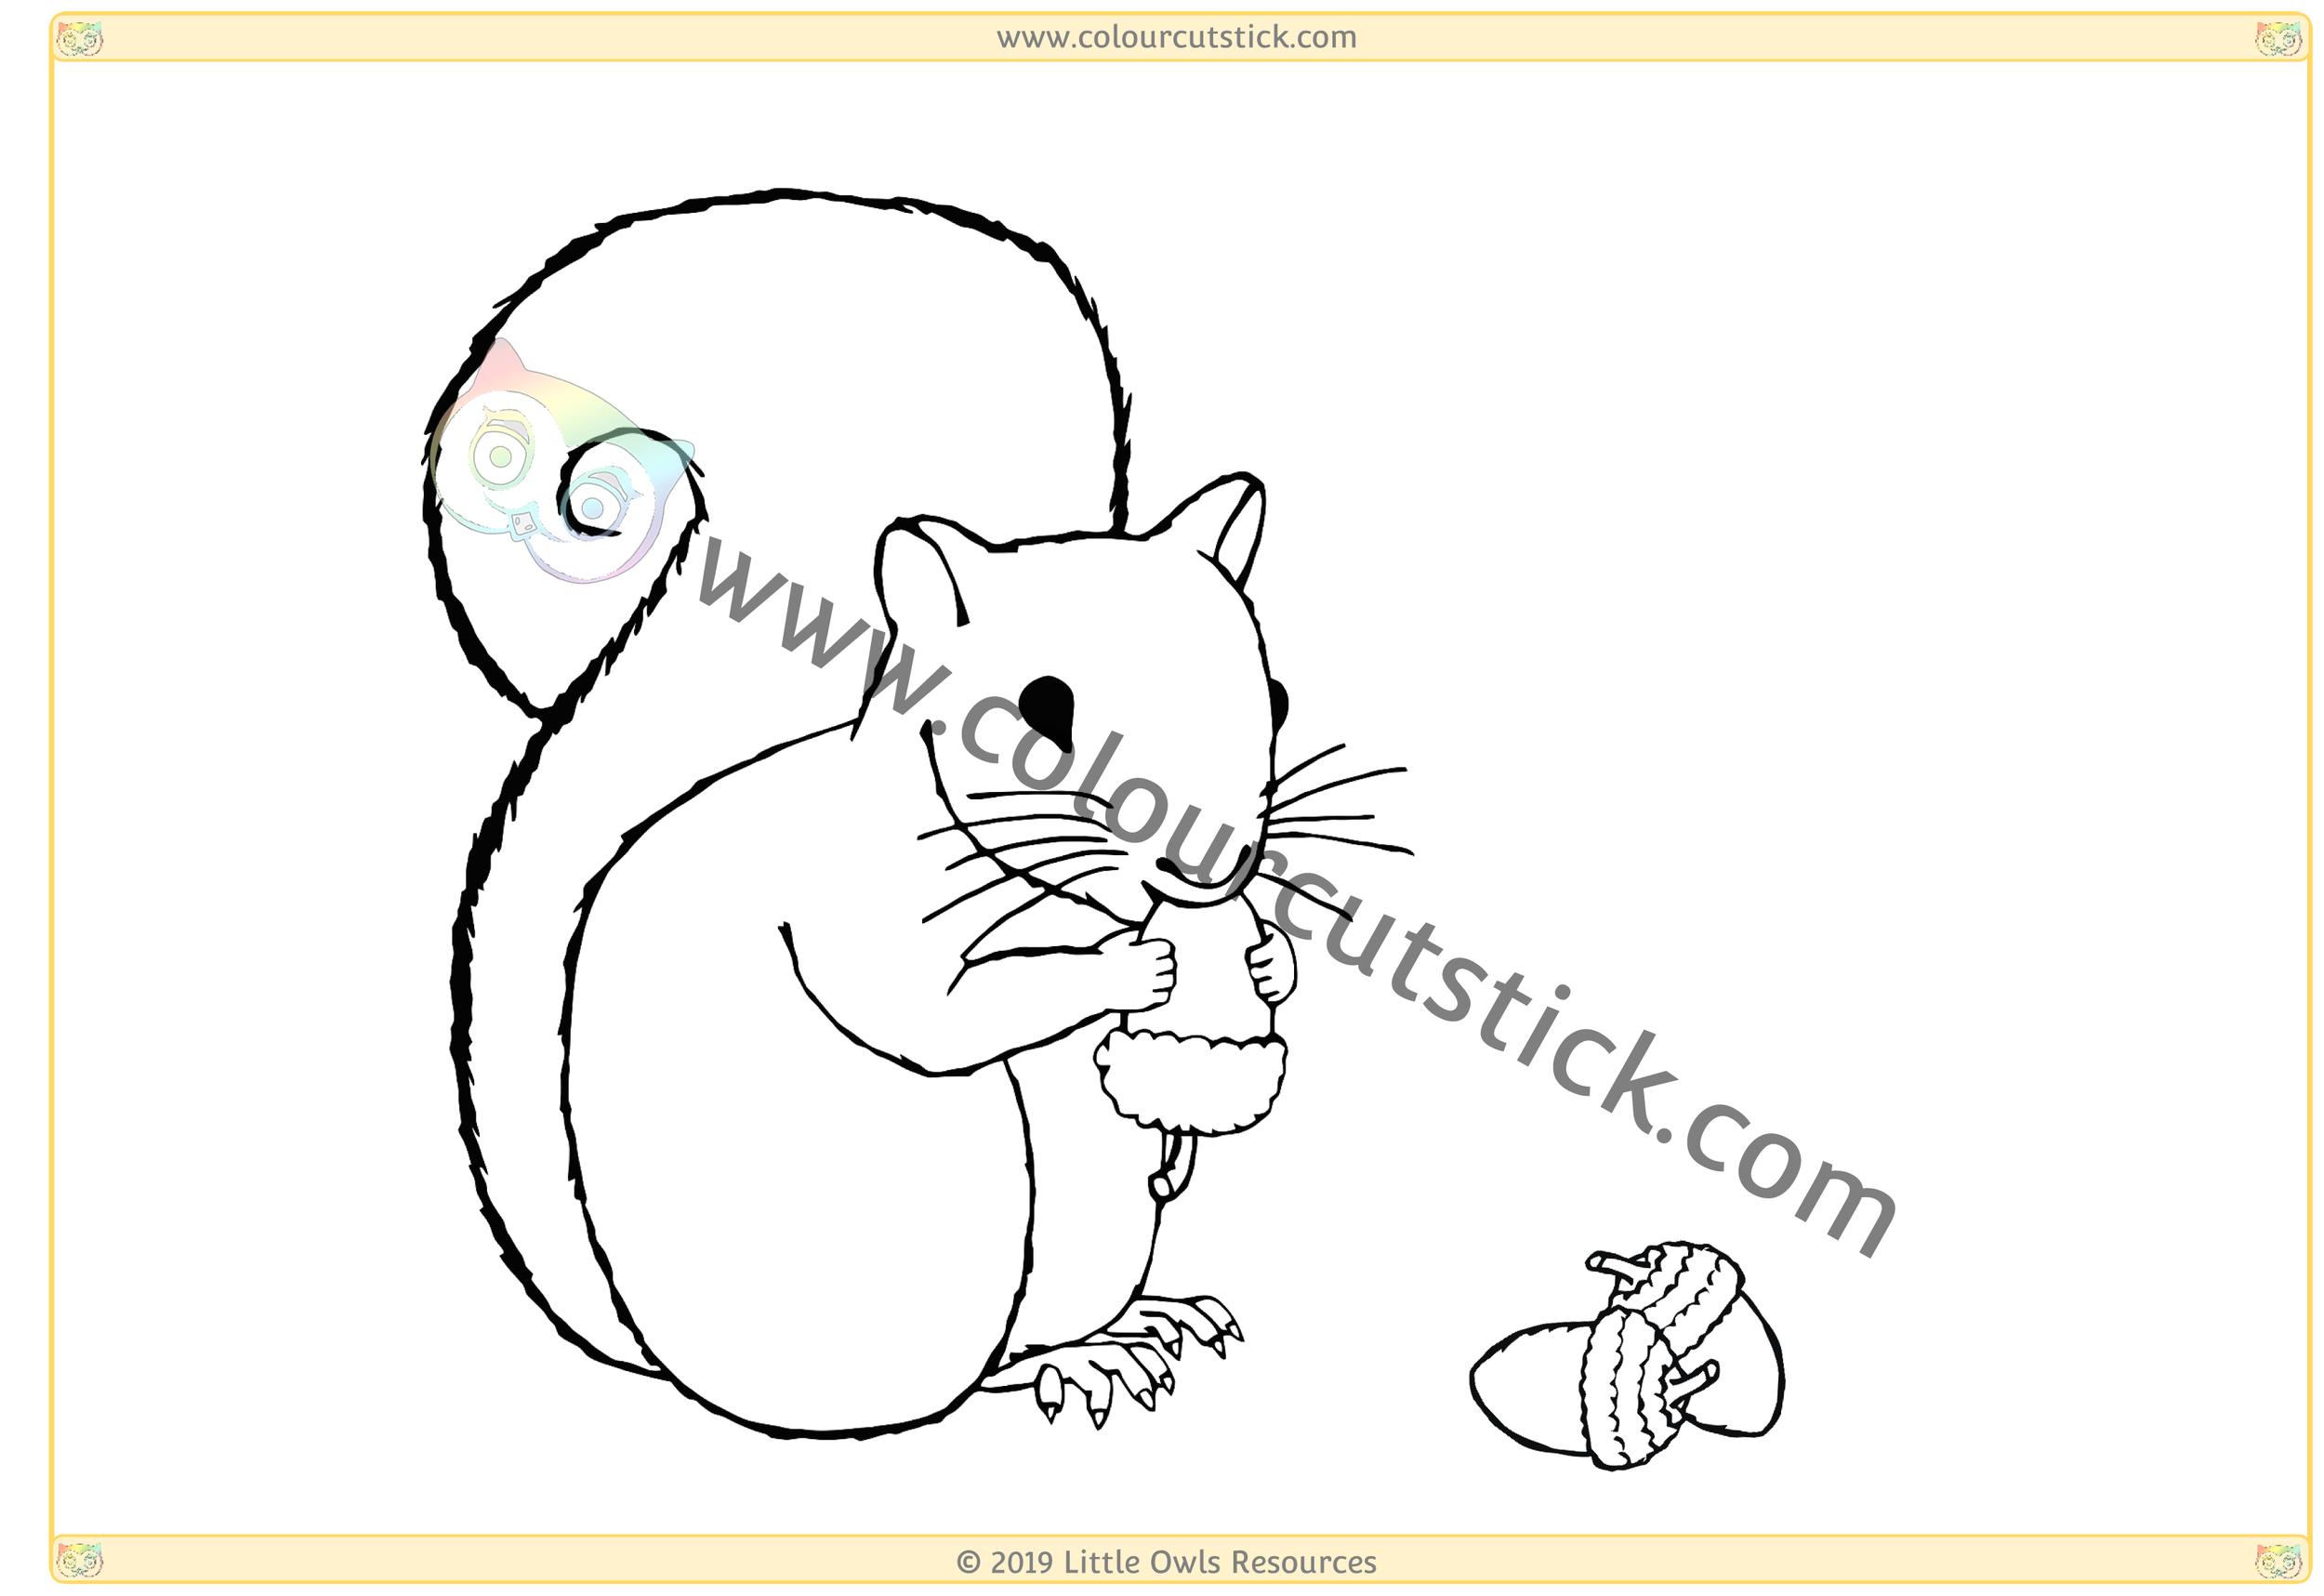 Squirrel with acorns -